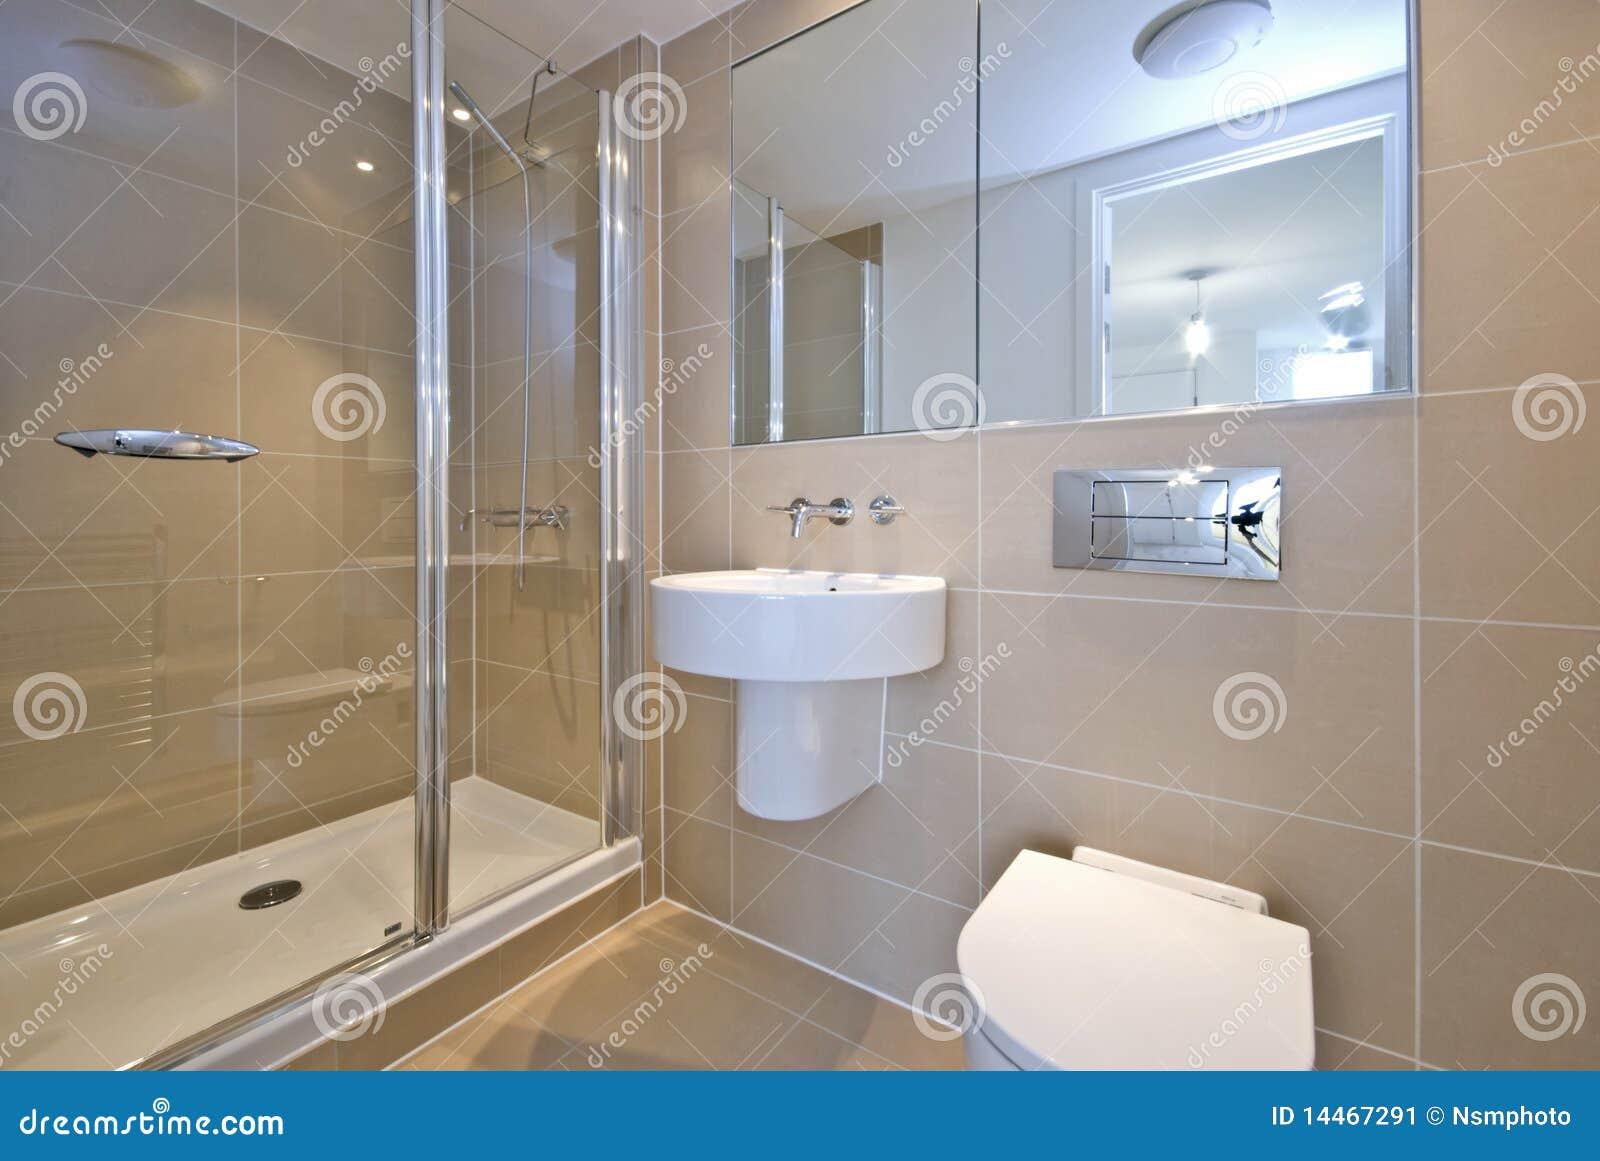 cuarto de bao moderno de la enhabitacin con la ducha with cuartos de bao modernos fotos with cuartos de bao modernos - Cuartos De Bao Modernos